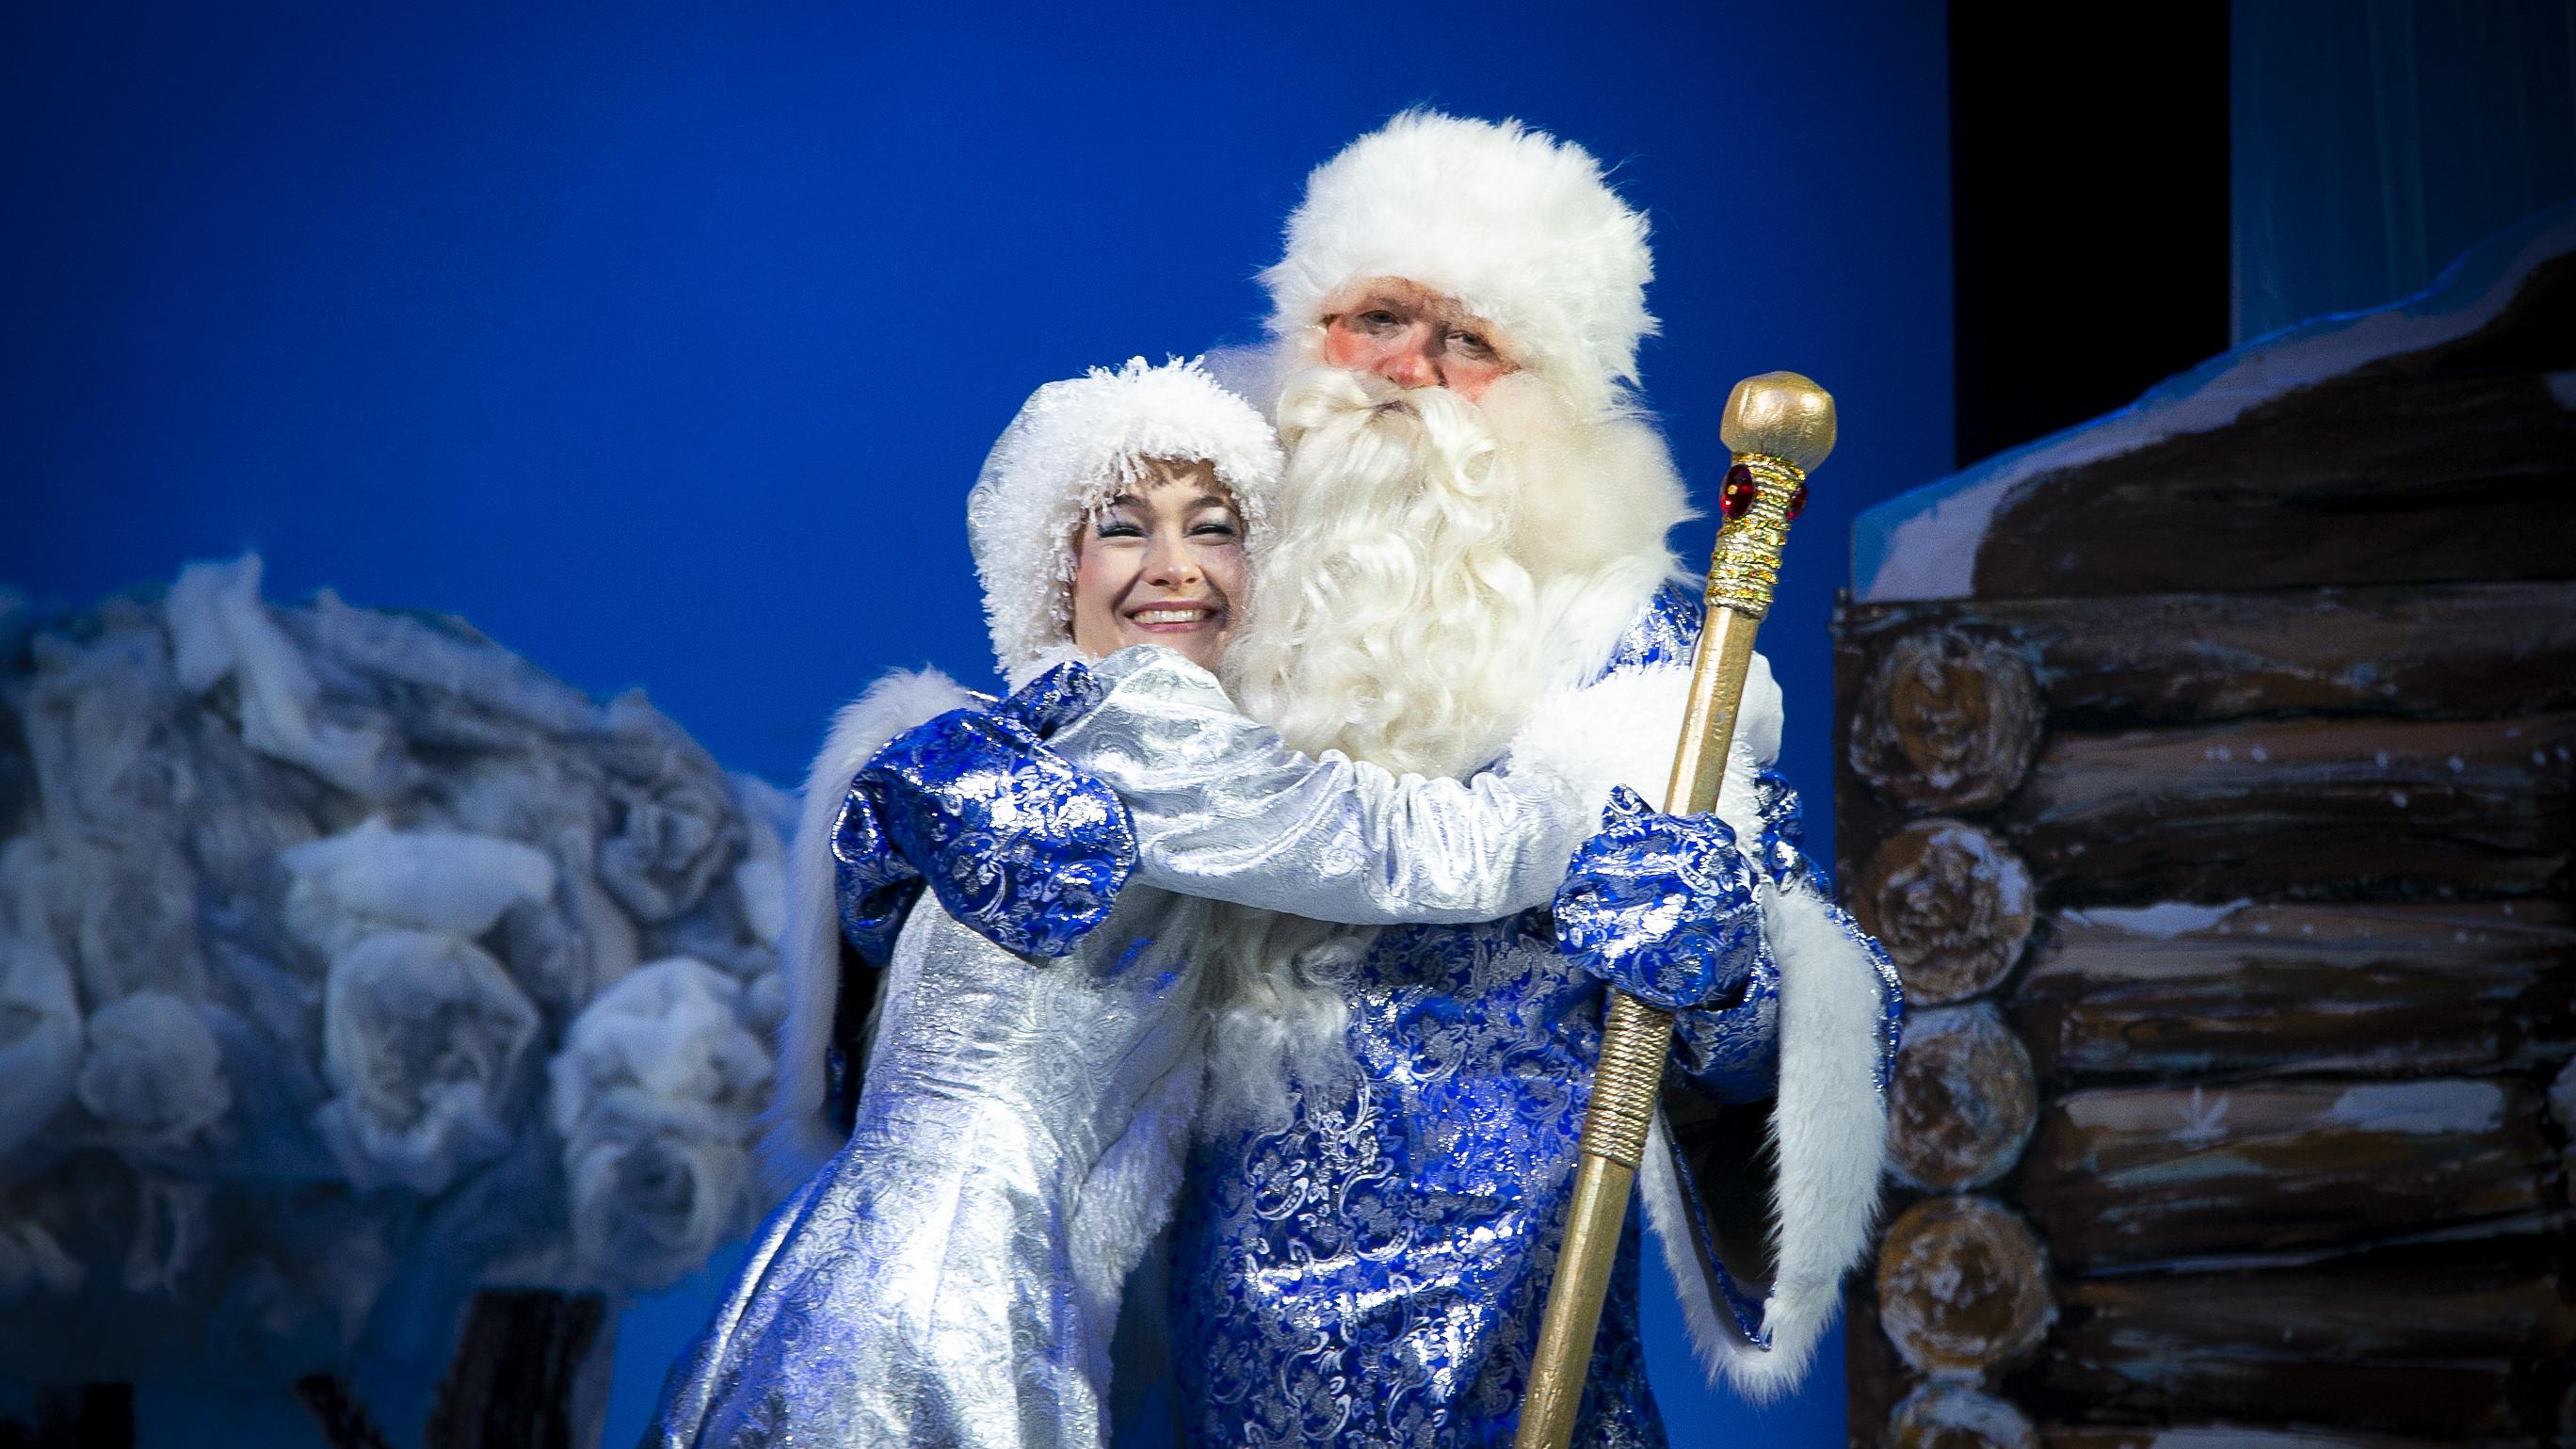 Московский областной театр драмы и комедии представляет детский спектакль «Волшебная сила»